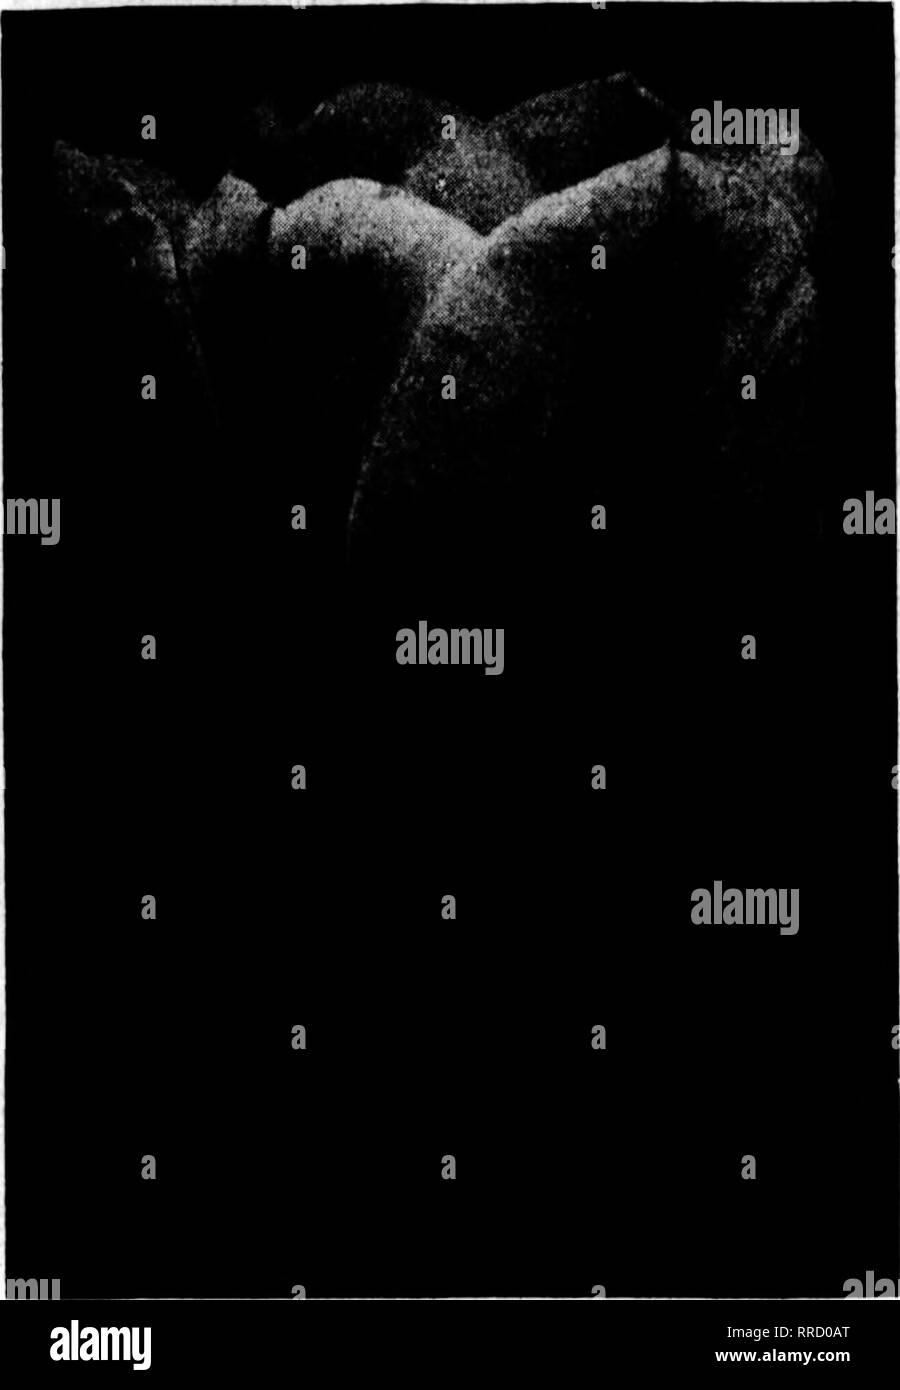 . Fioristi' review [microformati]. Floricoltura. OCTOBKK 0. 1921 i fioristi' Riesaminare 111 sede della lampadina. Primo singolo dimensioni denominato giacinti Amy, luminoso carmine. Brltlah Regina, bianco puro. Clias. Dickens blu, porcellana. Csar Pietro, porcellana. Oertmde, rosa luminoso. aisrantea, rosa carne. Orand Maltre, luminosa porcellana. Xing' di Blues, blu profondo. Xing' di Tellows, giallo arancio. Prezzo di sopra, $7.50 ]Lady Derby, delicato rosa. Zia O-randesse, Snow White. ^innocenza, bianco puro. Moreno, deep rose. Regina del tbe Blues, blu argenteo. Regina di rosa, rosa brillante. Boi des Beiges, rosso profondo. Tellow Immagini Stock